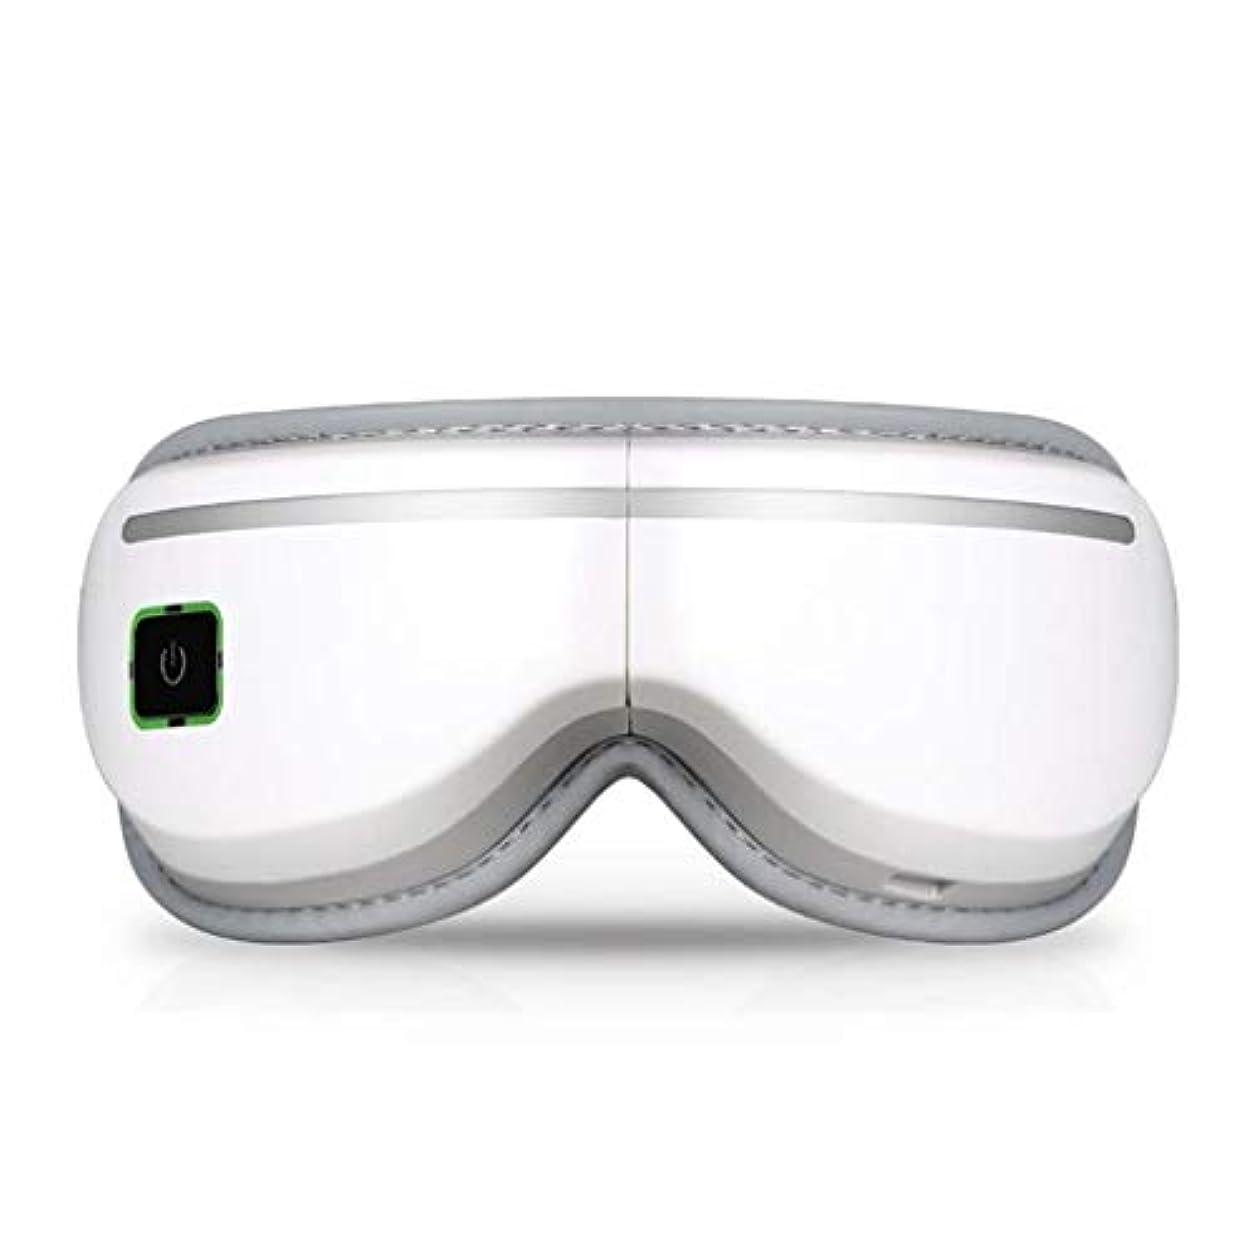 挑むクリーナー飢アイマッサージャー、電動アイマッサージアイマスク、音楽/加熱/圧縮/空気圧/振動アイケア、マッサージリモート、旅行オフィスファミリーカー